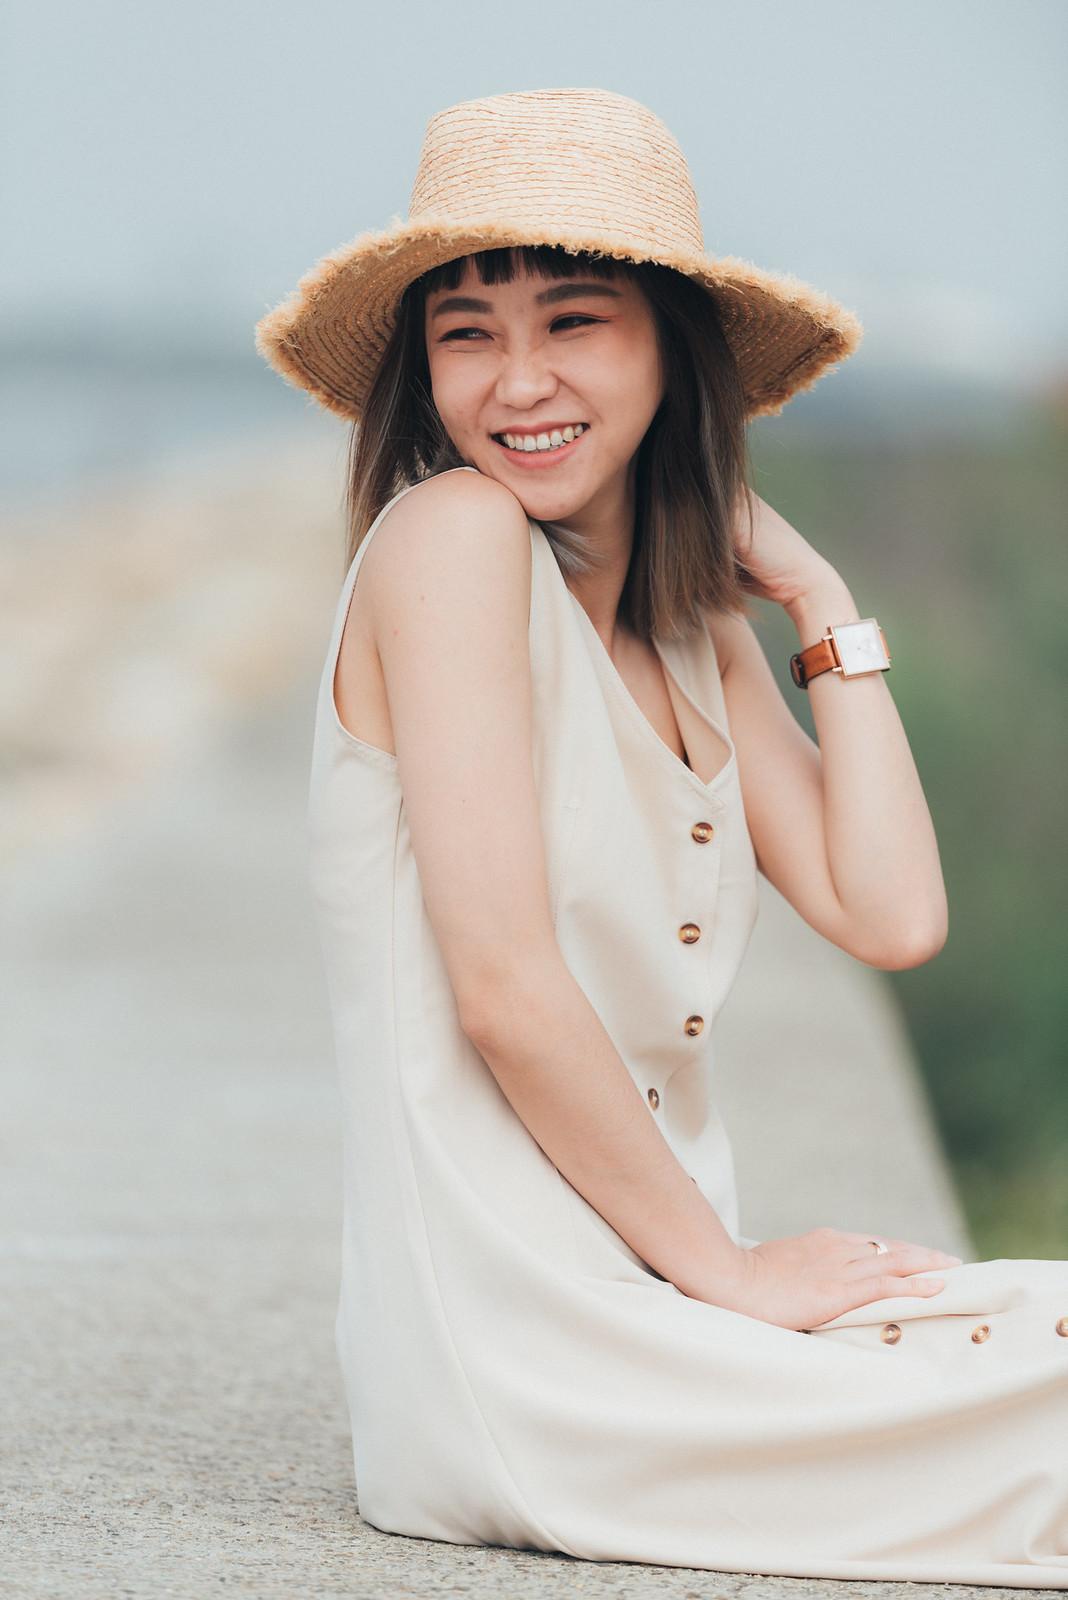 《人像寫真》Nana / 攝影師 Eric Yeh / 良大攝影工作室